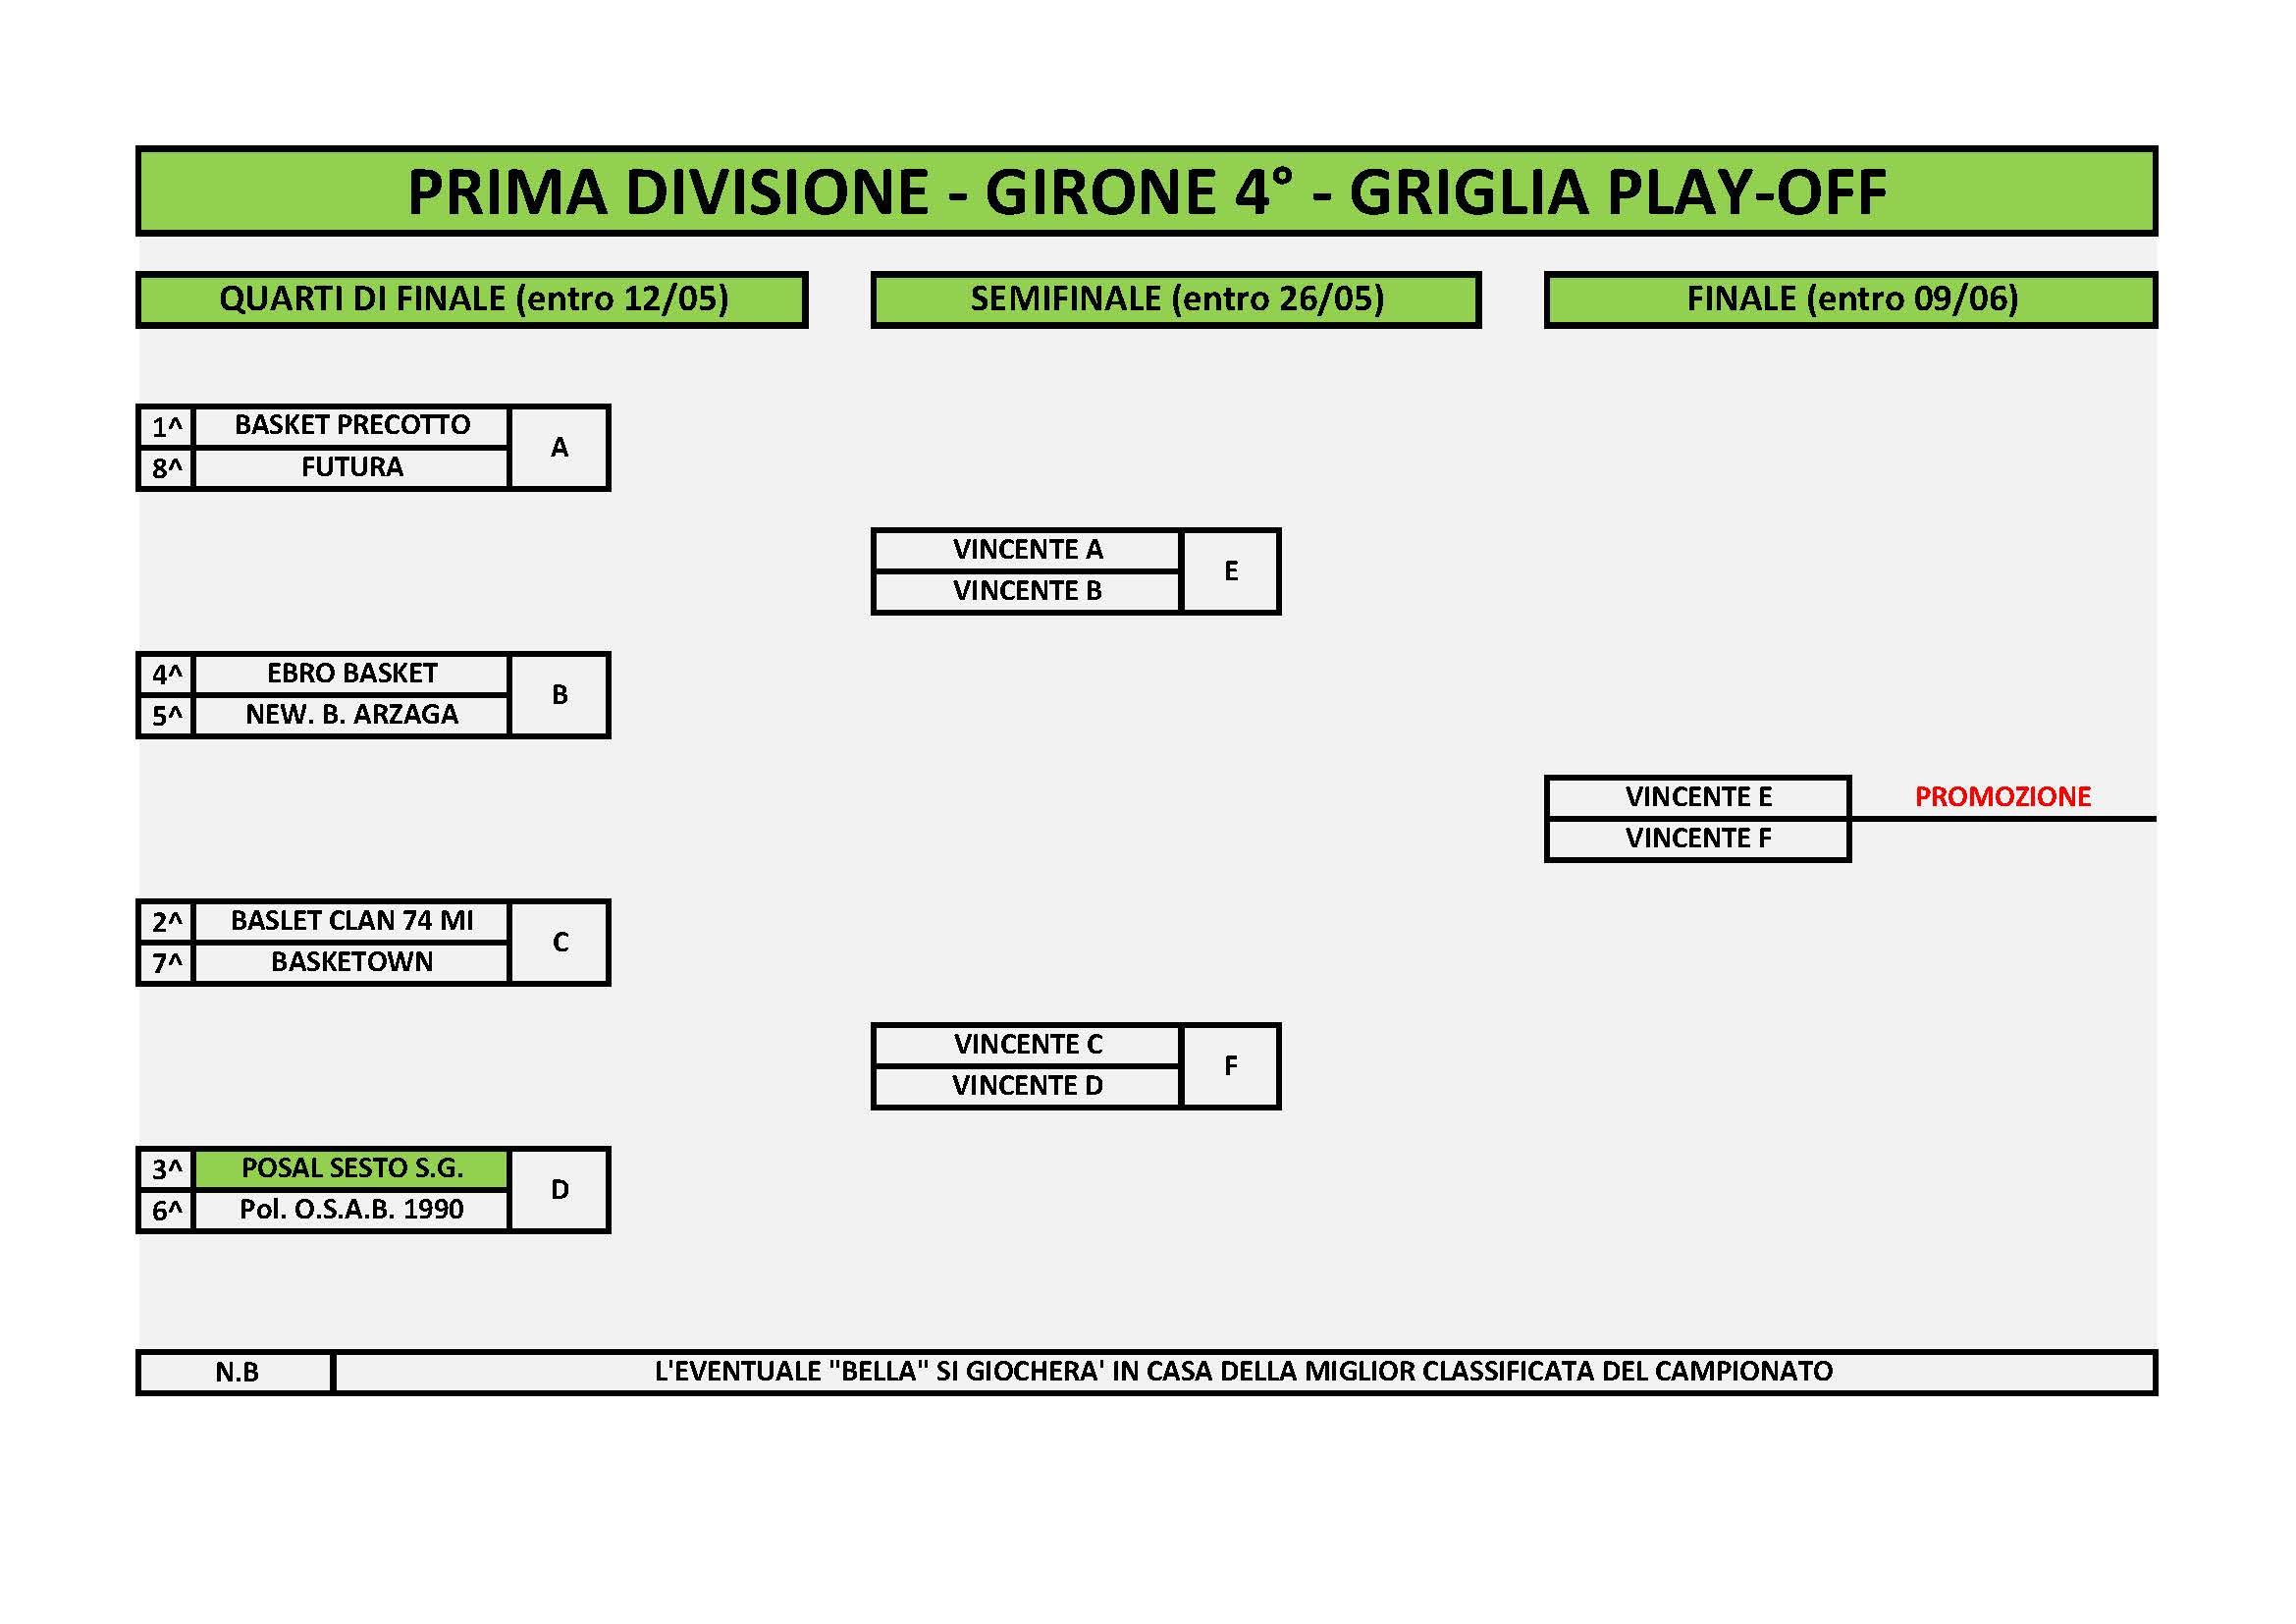 griglia-playoff-prima-divisione